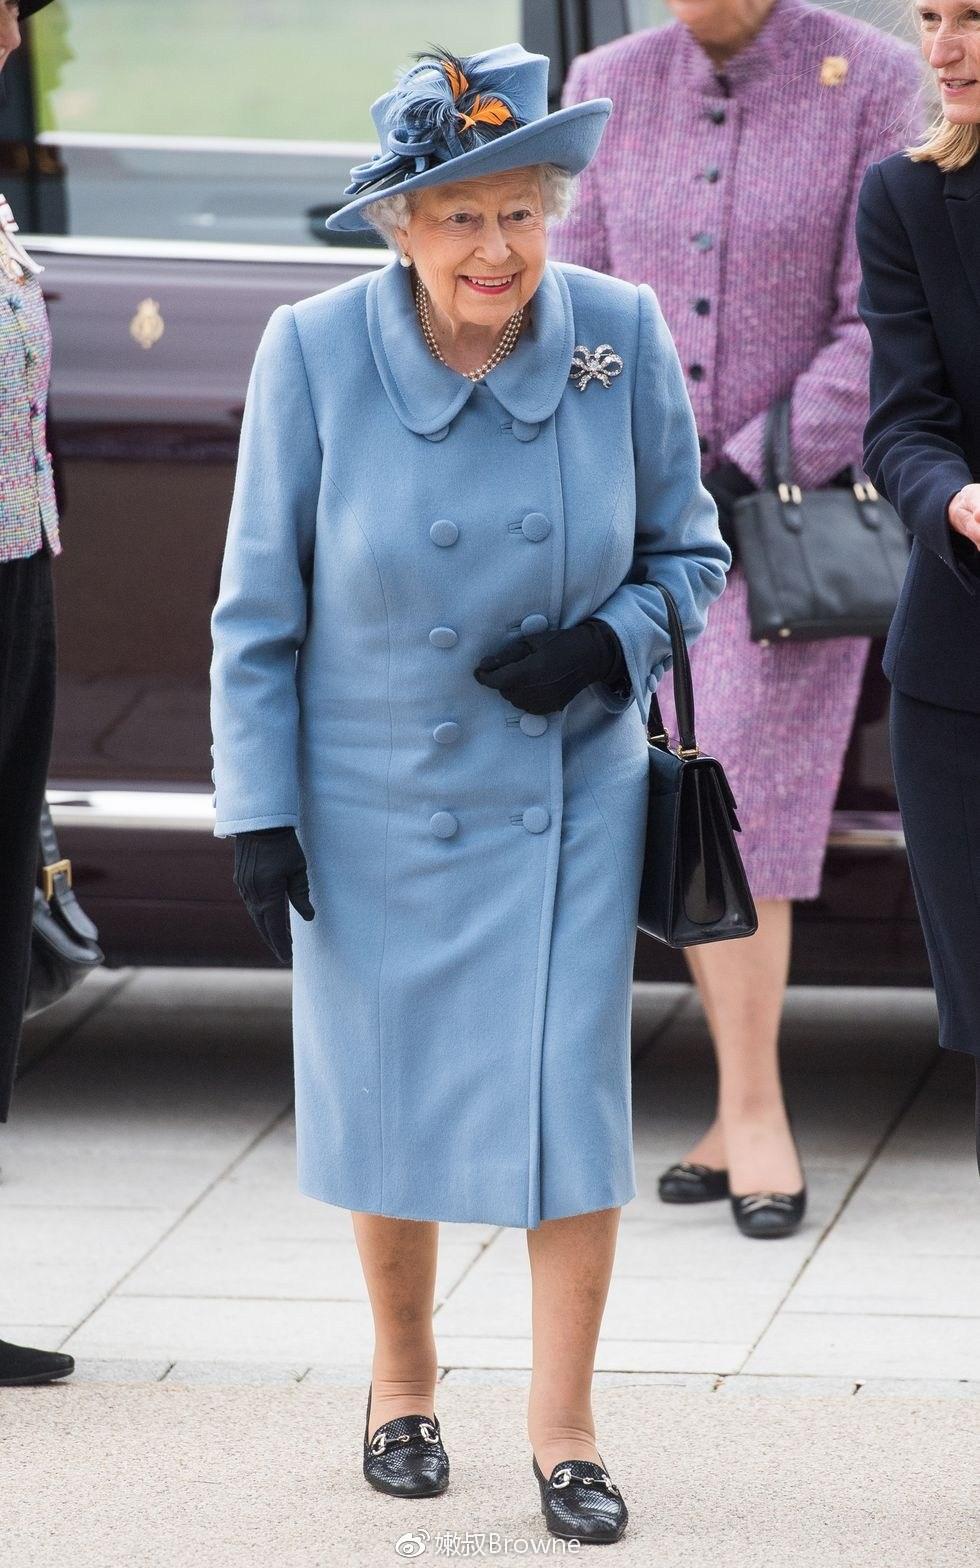 Ngoài gu diện đồ sặc sỡ, Nữ hoàng Anh còn có 5 bí mật làm nên phong cách thời trang không thể trộn lẫn - Ảnh 14.